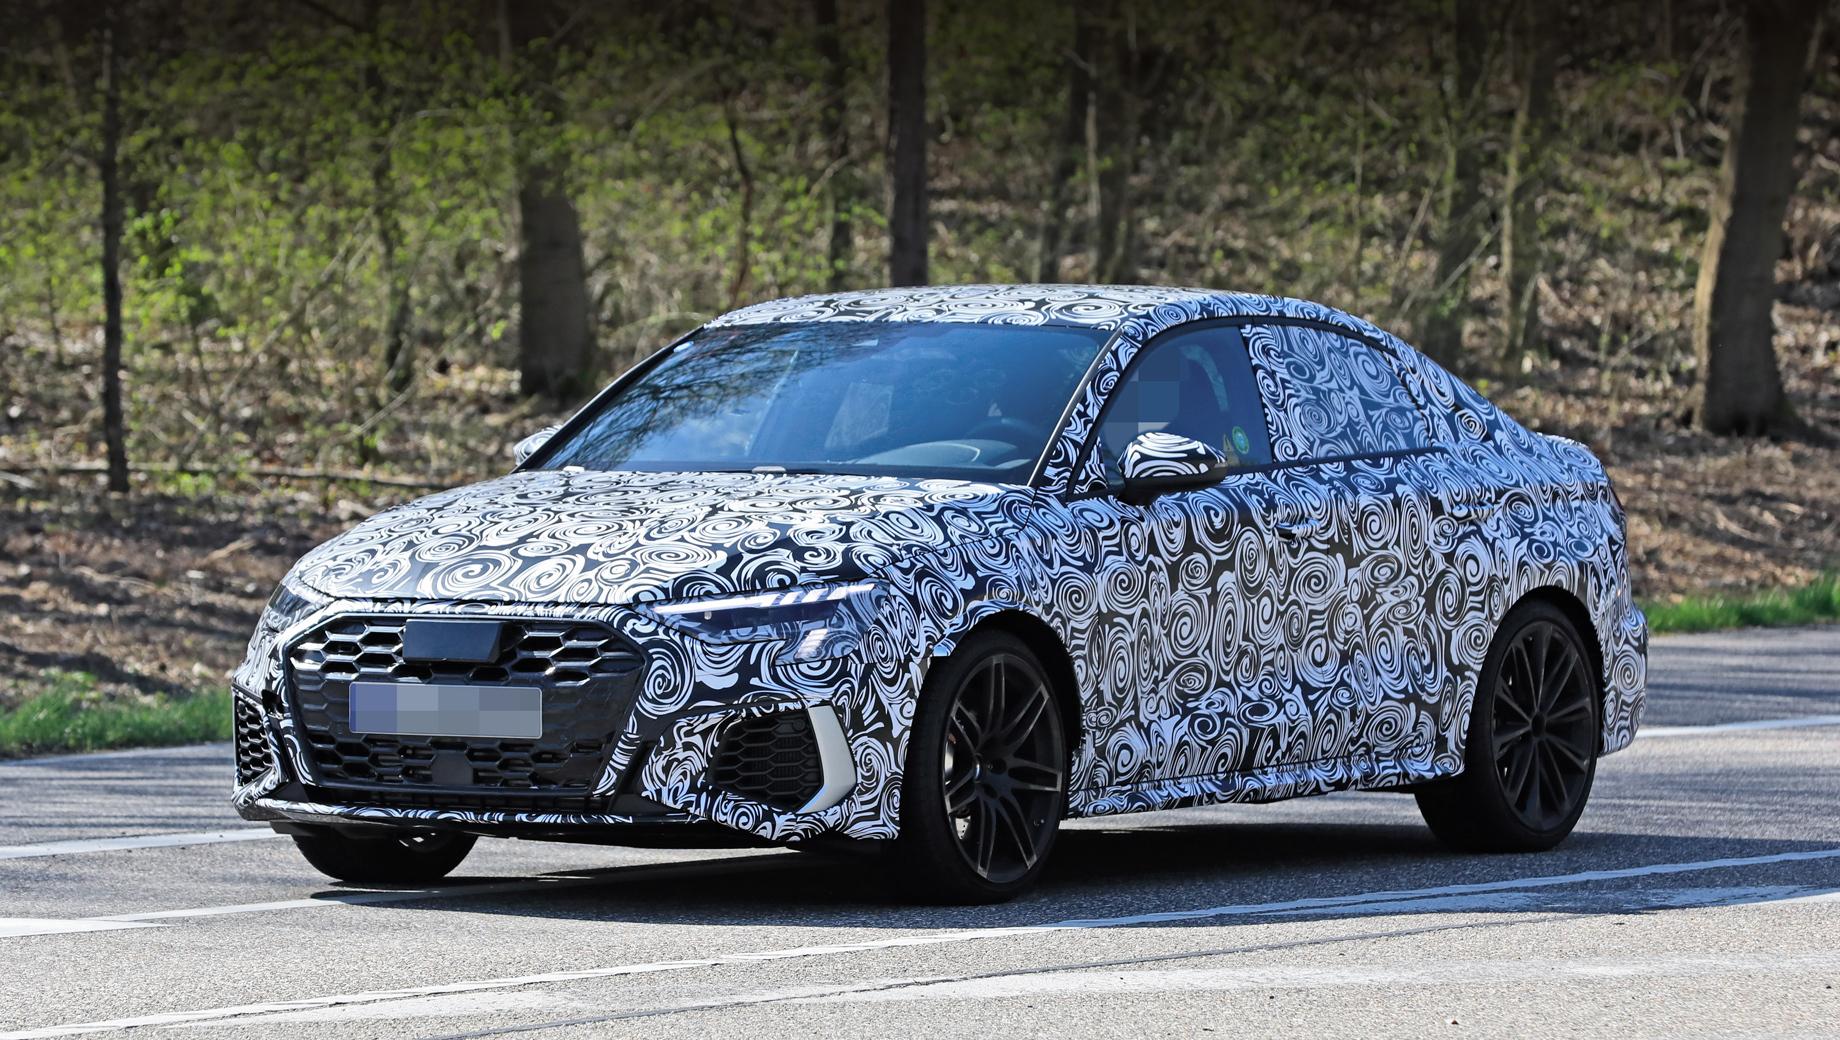 Audi a3,Audi a3 sedan,Audi rs3,Audi rs3 sedan. Оформление носовой части машины напоминает дизайн уже показанного хэтчбека А3, только боковые воздухозаборники в переднем бампере здесь явно крупнее.